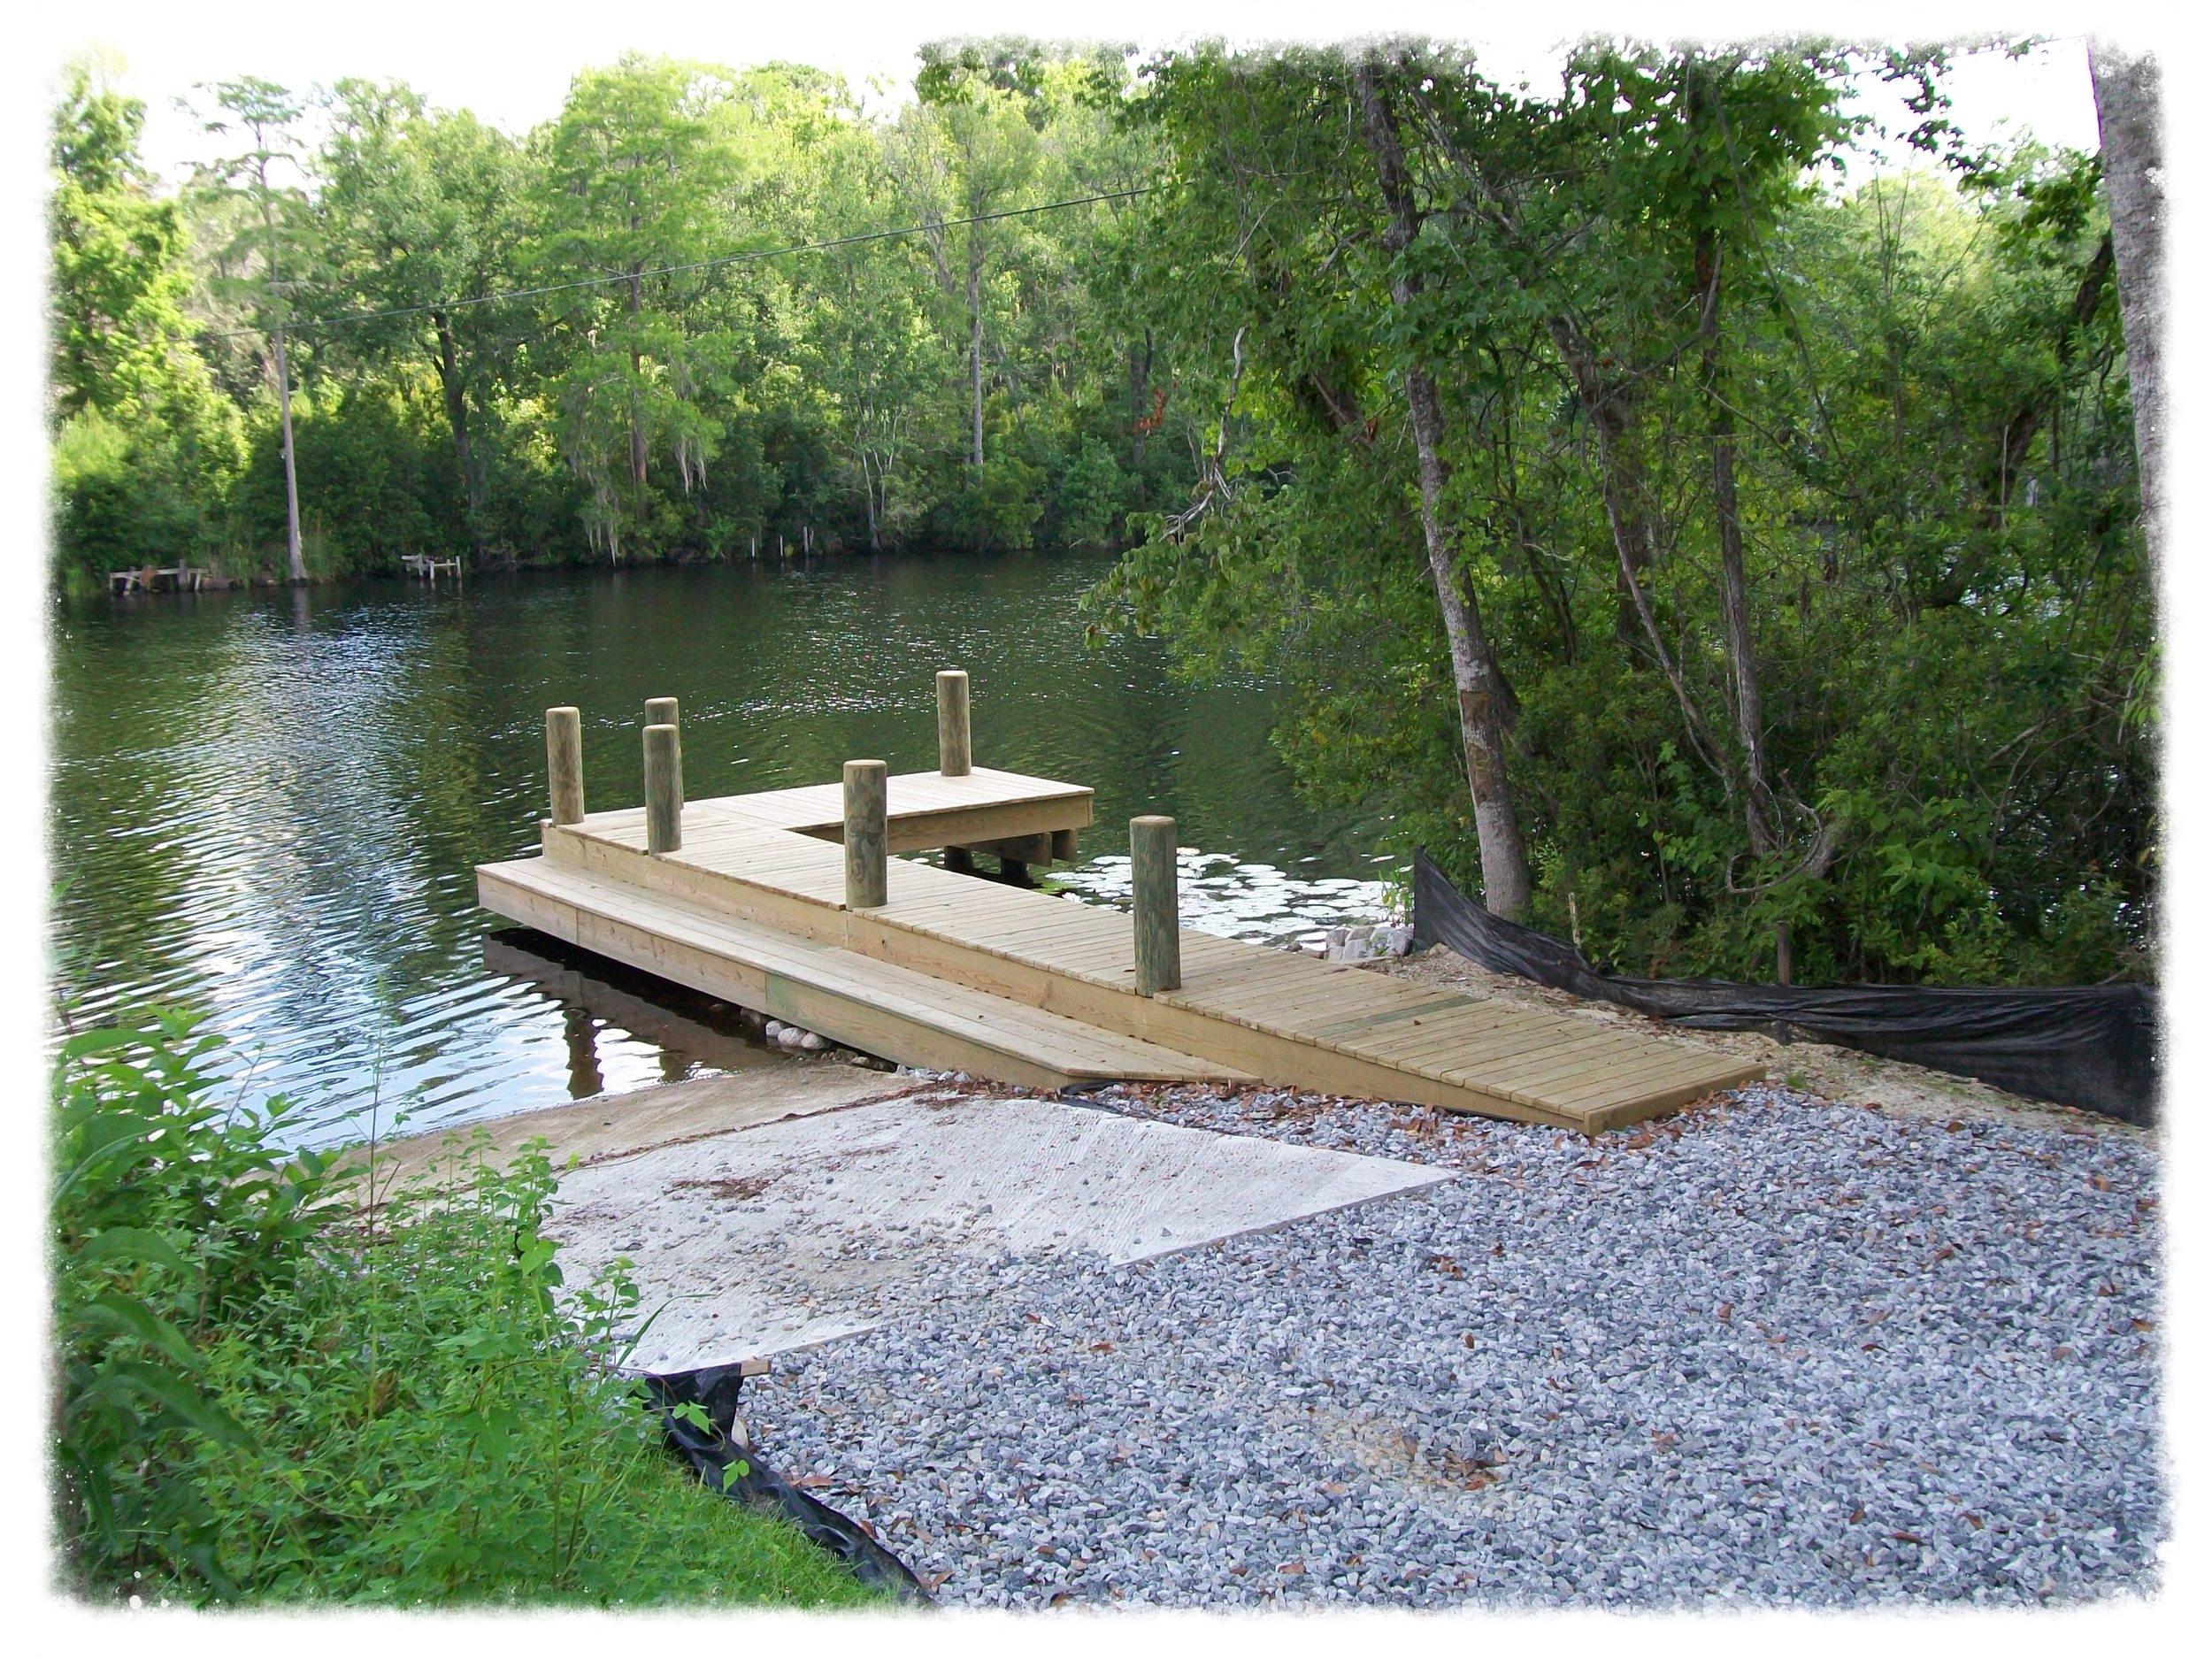 Boat Dock with Boardwalk